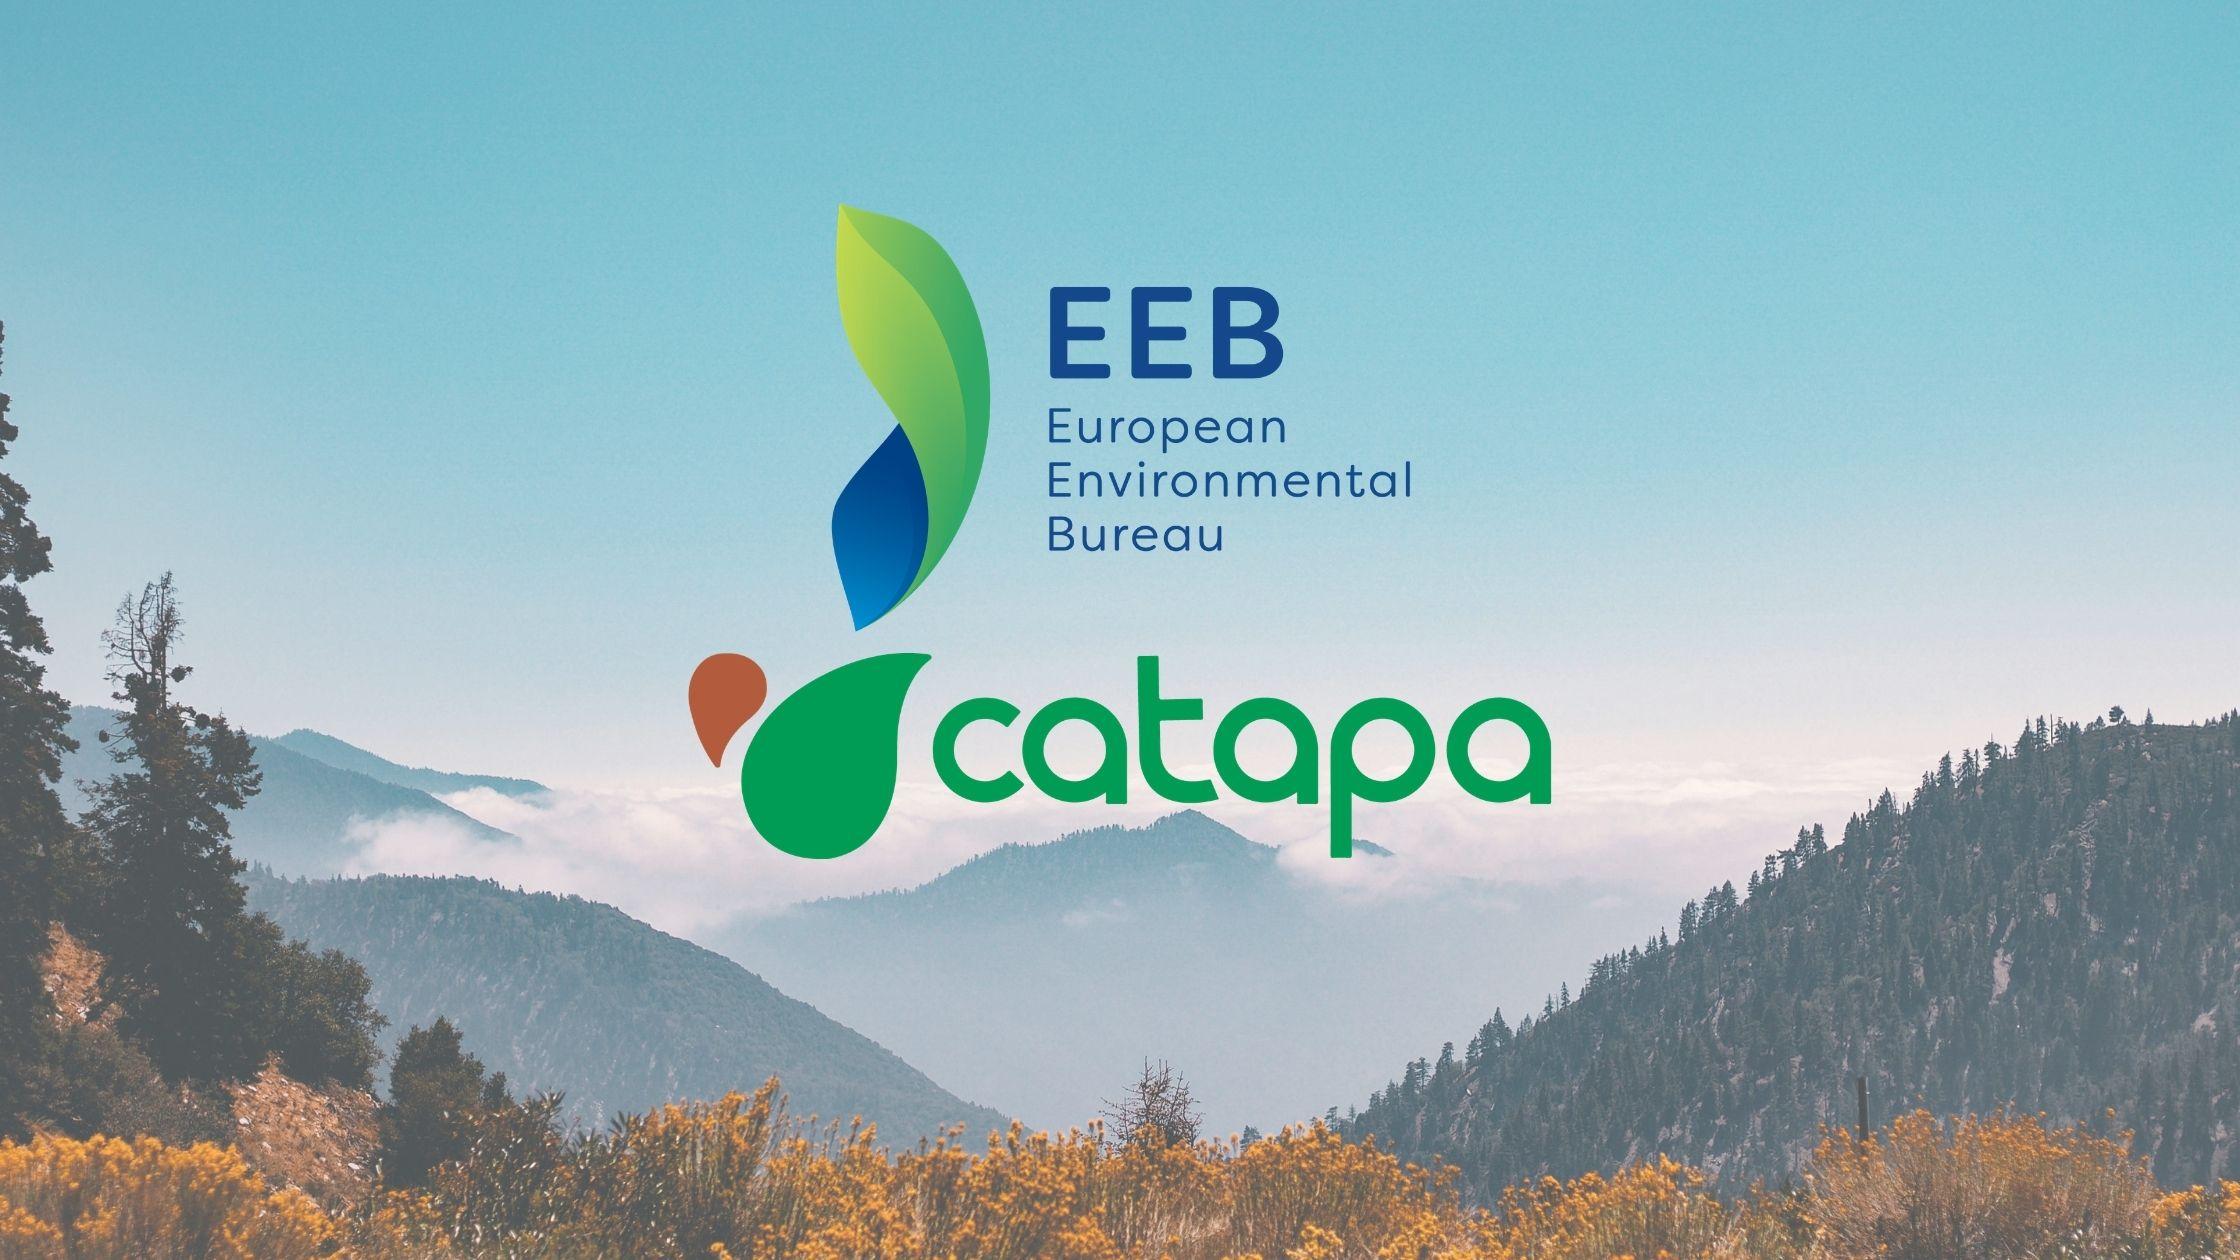 CATAPA JOIN EEB to work on mining